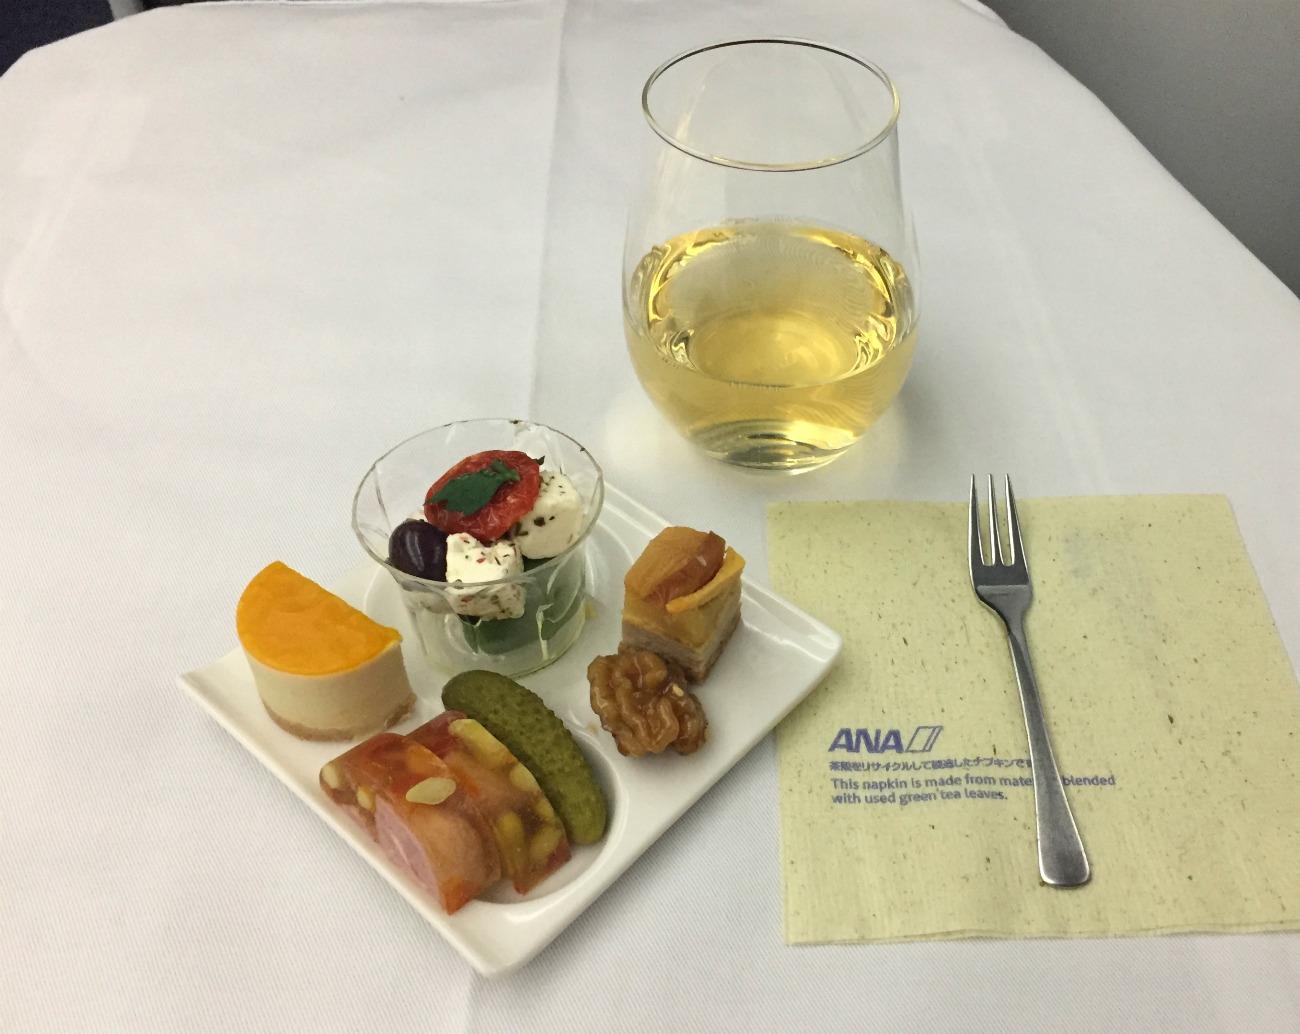 Alkuruoka; Foie grasmousse ja mangohyytelöä, ankkaa ja omenaa tarte tatin -tyyliin, kinkkutomaattihyytelö ja suolakurkkua, karamelisoitu saksanpähkinä, kahdenlaista oliivia ja juustoa yrttioliiviöljyssä.